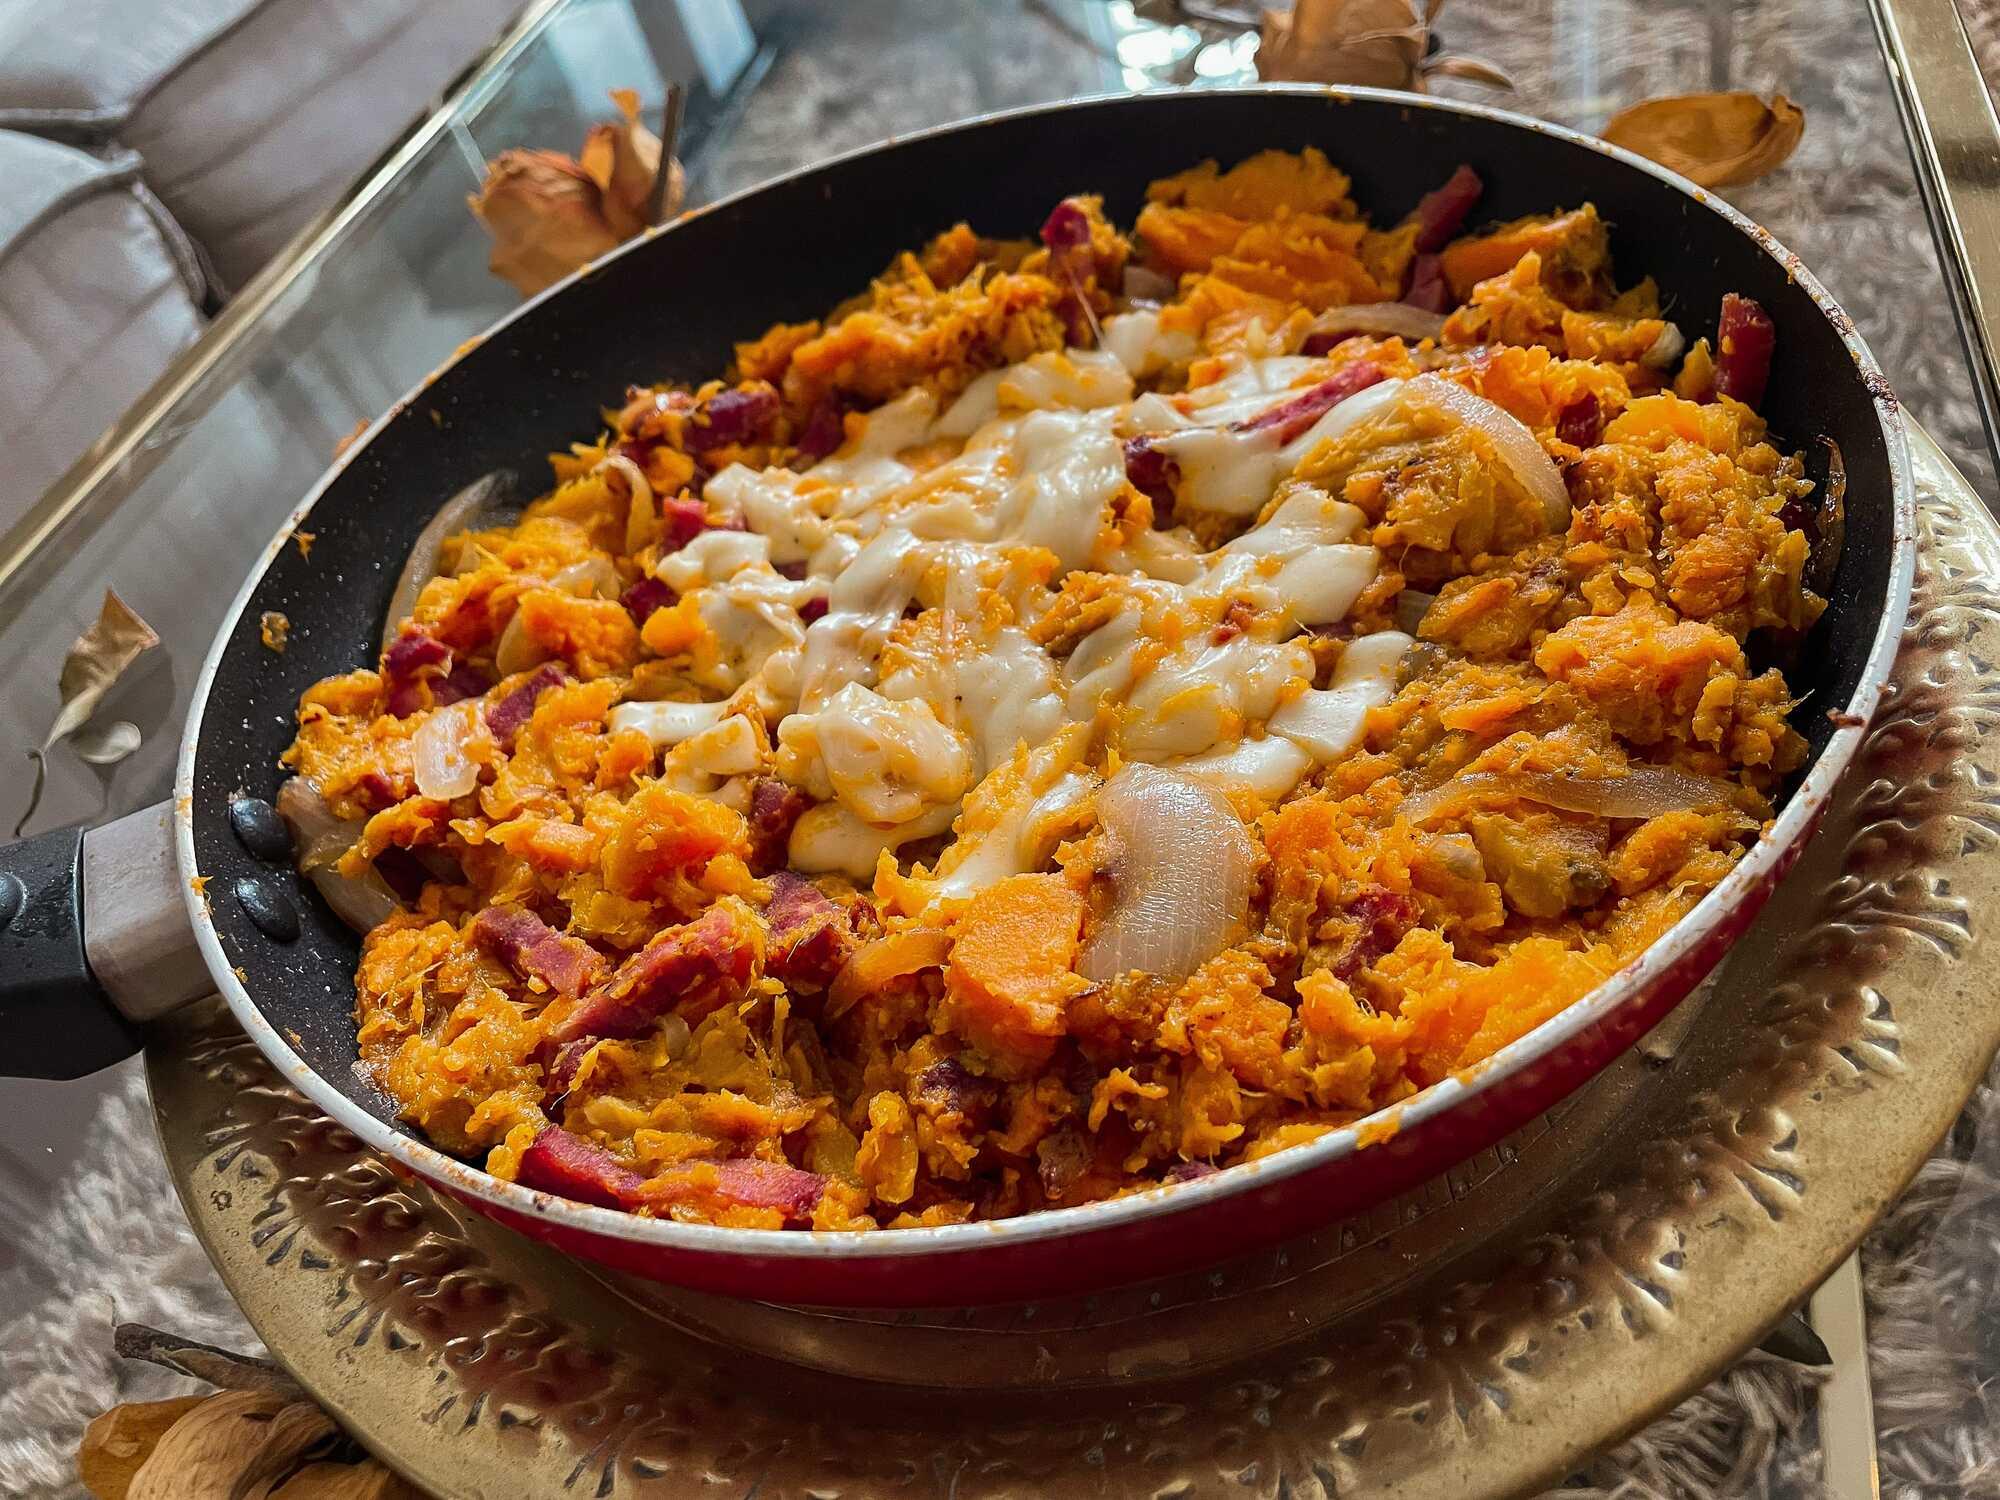 Les patates douces et lardons sont recouverts de fromage fondu et ils sont présentés dans une poêle rouge avec autour des feuilles séchées.